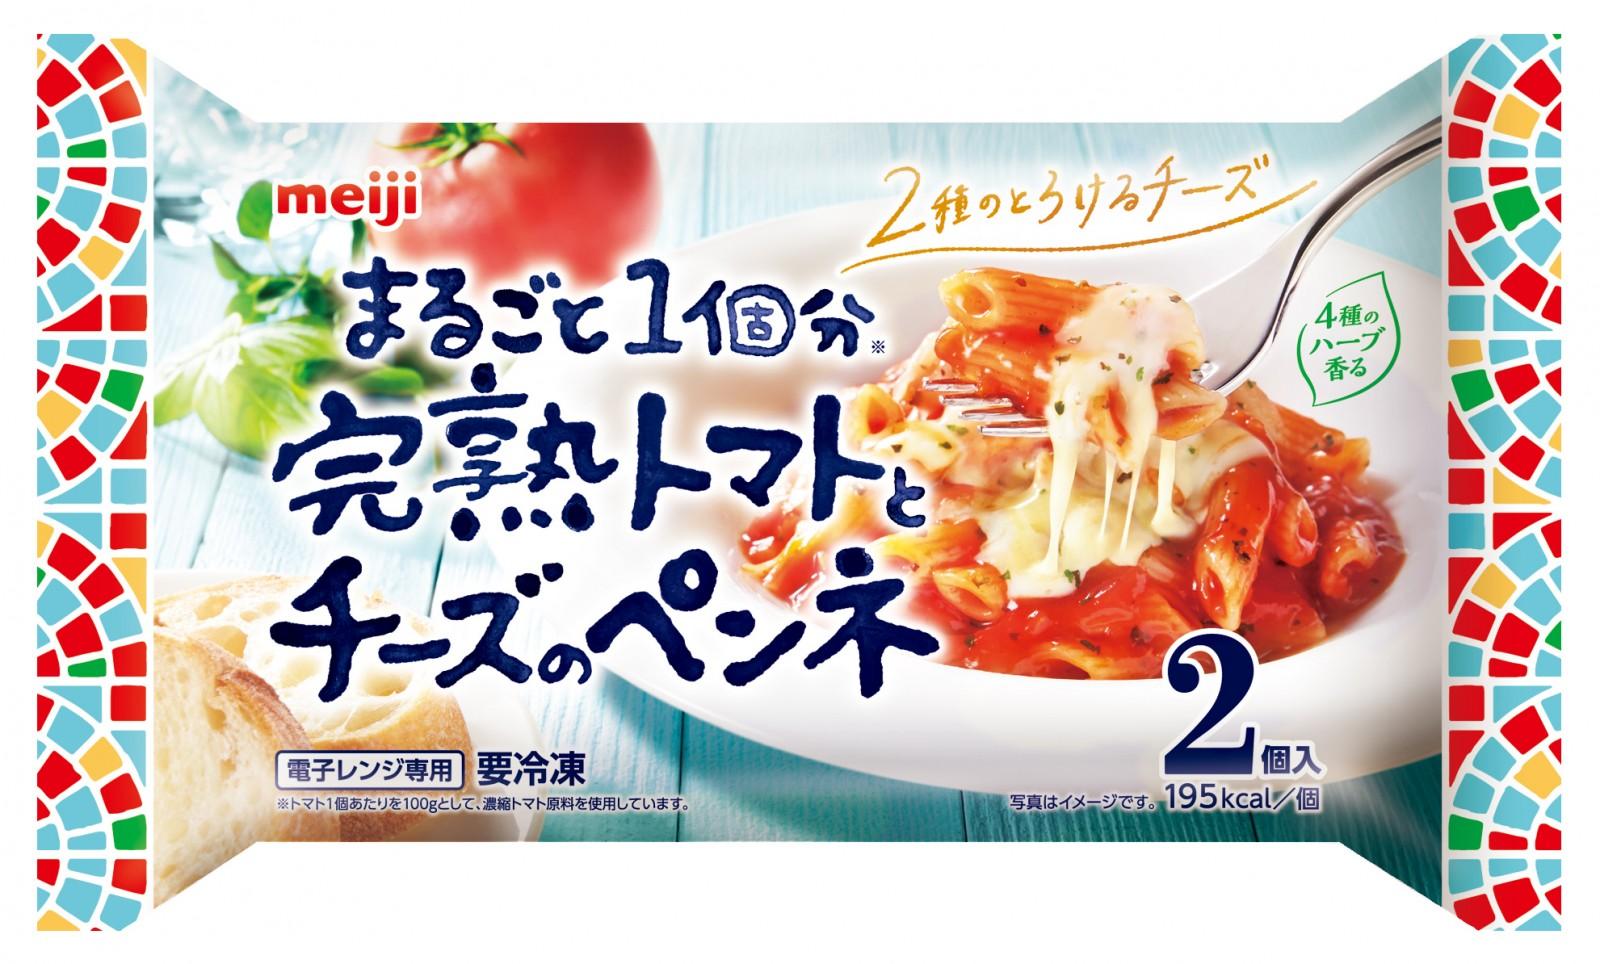 明治から夏向けパスタ「まるごと1個分完熟トマトとチーズのペンネ 2個入」